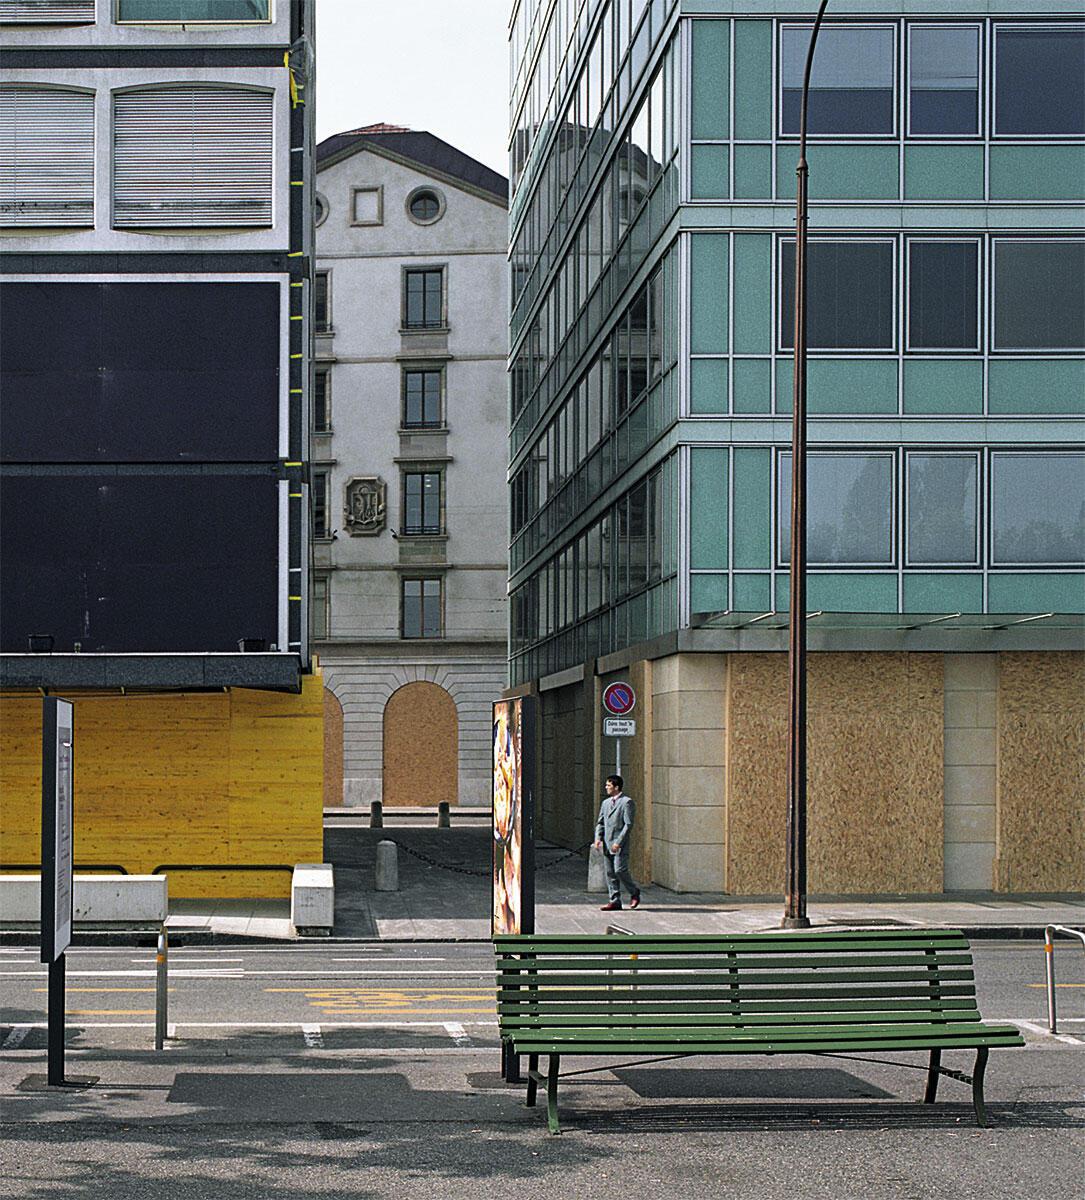 Das Bild des Lausanner Fotografen Nicolas Savary entstand in einer Serie von Bildern im Juni 2003, als in Evian, am französischen Südufer des Lac Léman der G8-Gipfel stattfand. In der Schweiz und besonders in Genf herrschte im Vorfeld des Gipfels eine grosse Angst vor Zehntausenden von demonstriernden Globaliserungsgegnern. Die Ladenbsitzer im Stadtzentrum wappneten sich gegen vermutete Sachschäden mit der kompletten Verbarrikadierung der Erdgeschosse.